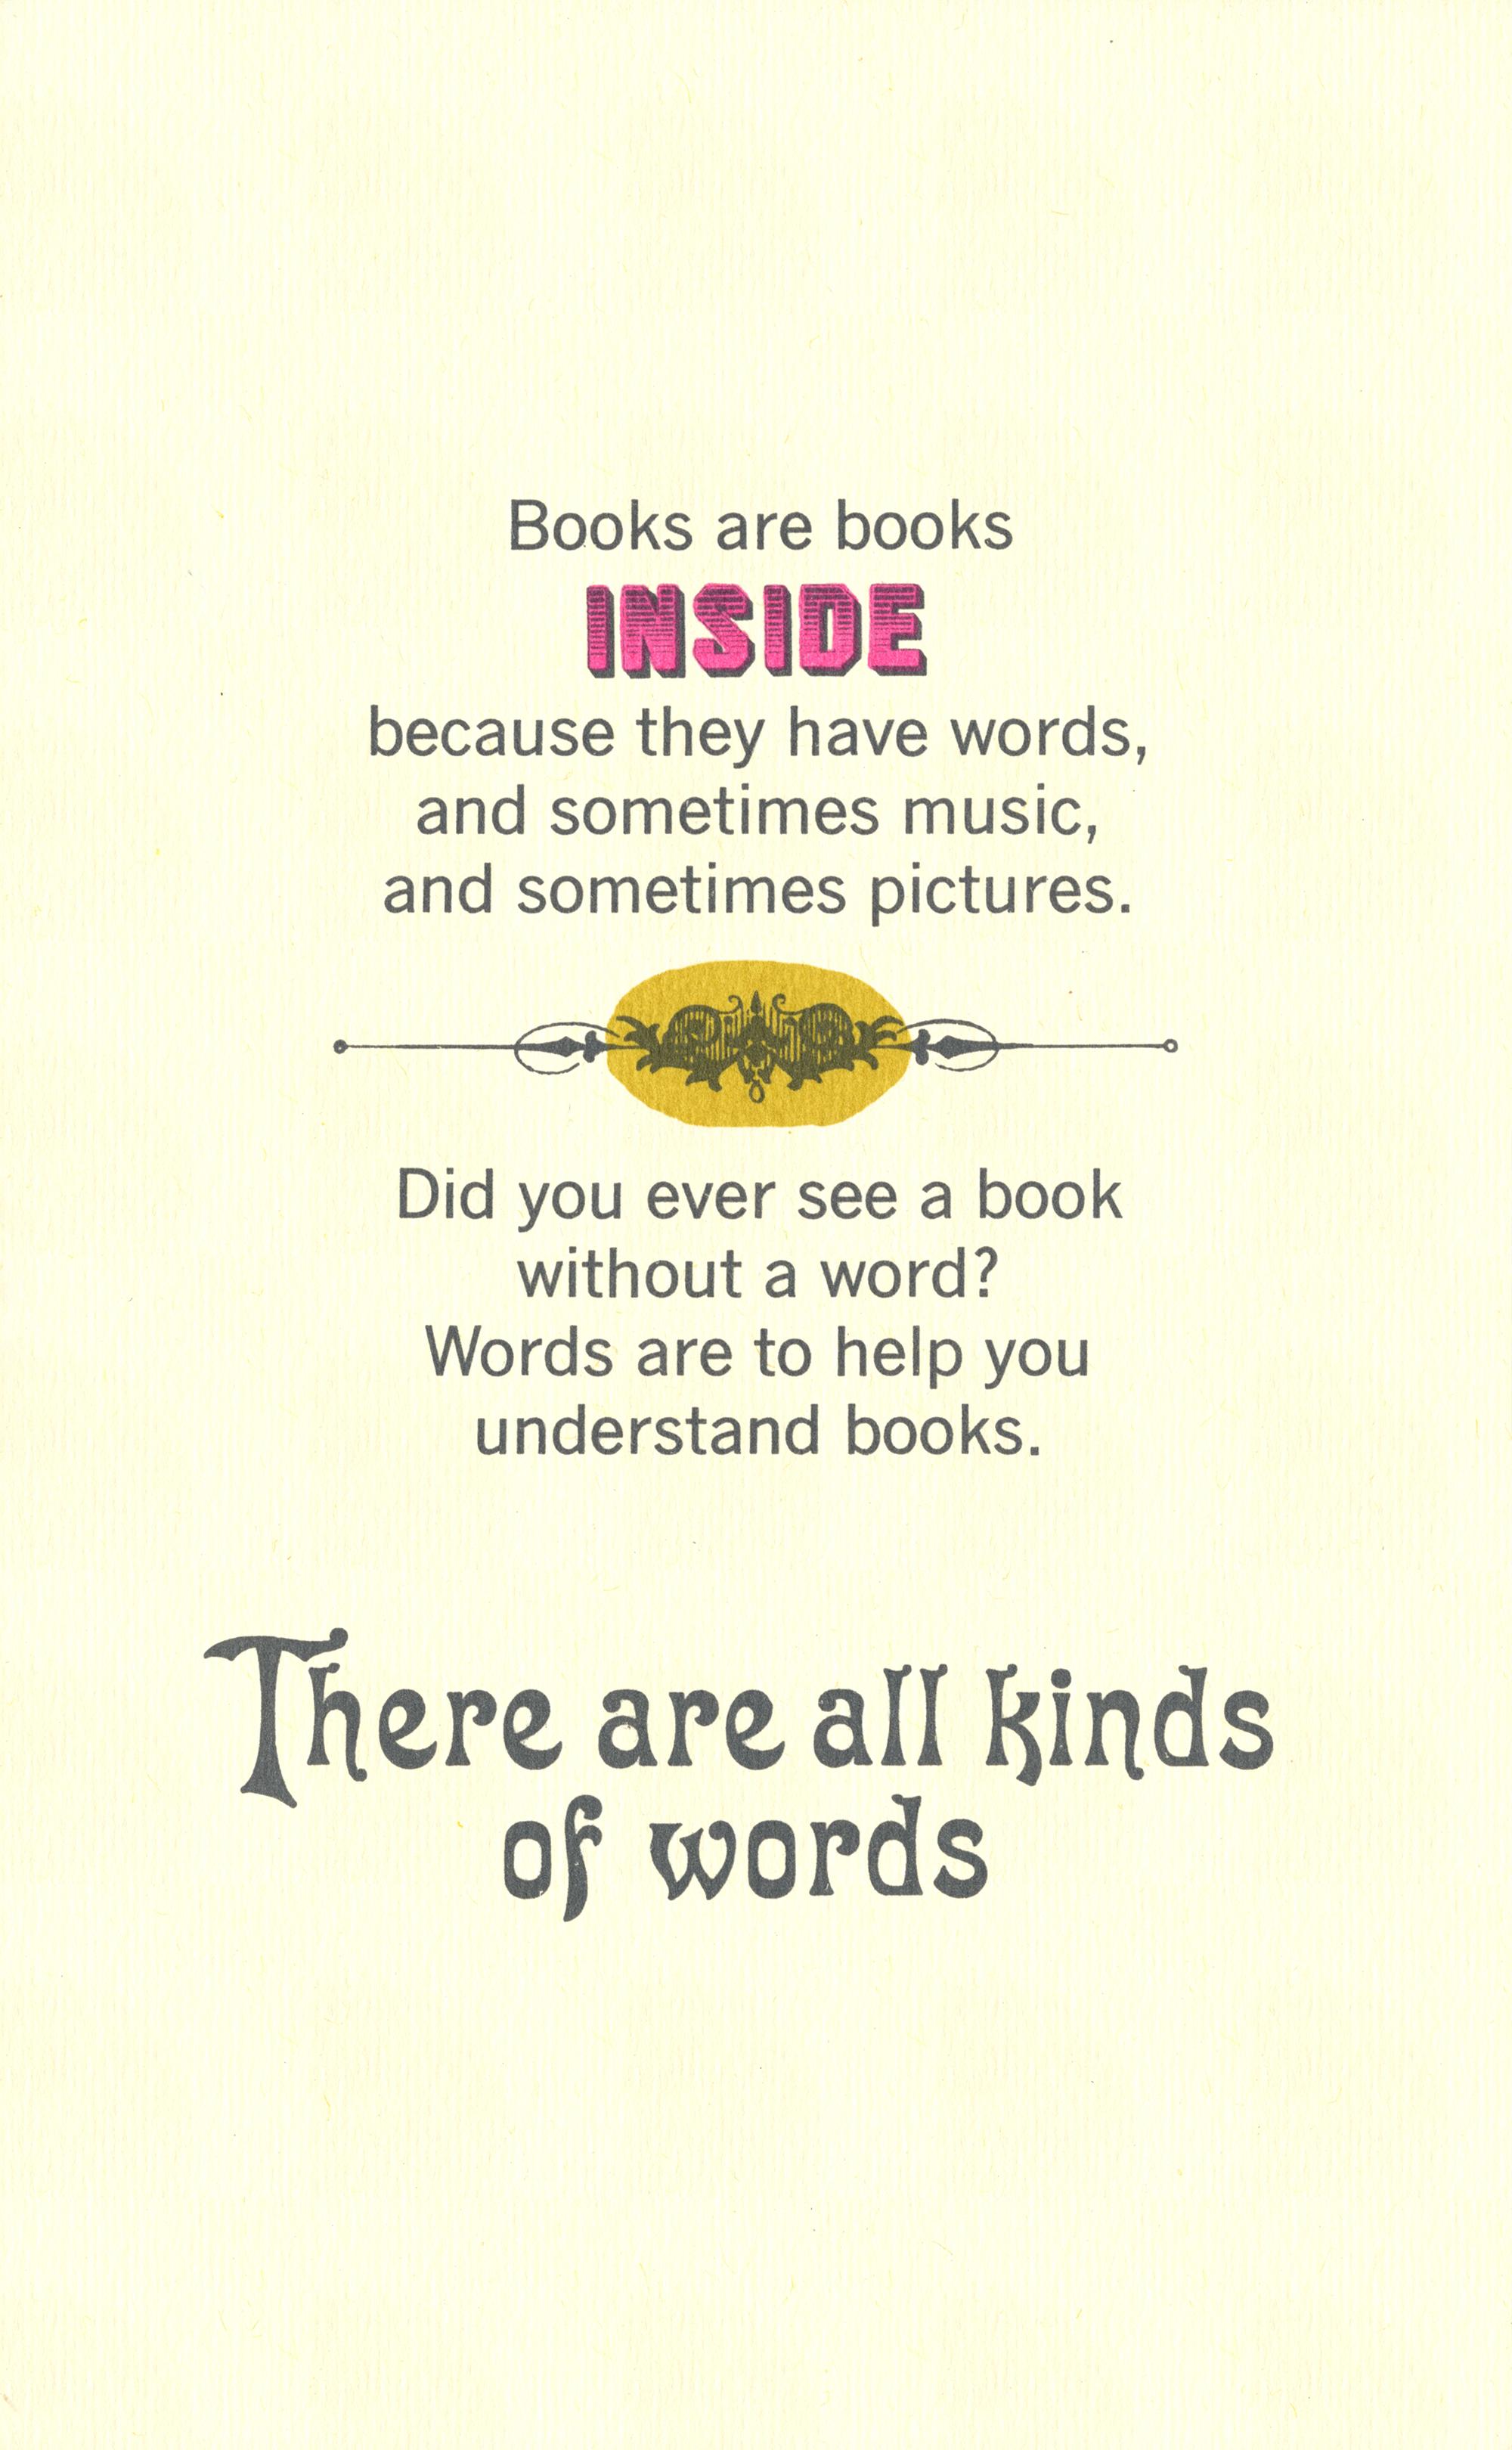 alcorn_books_9.png